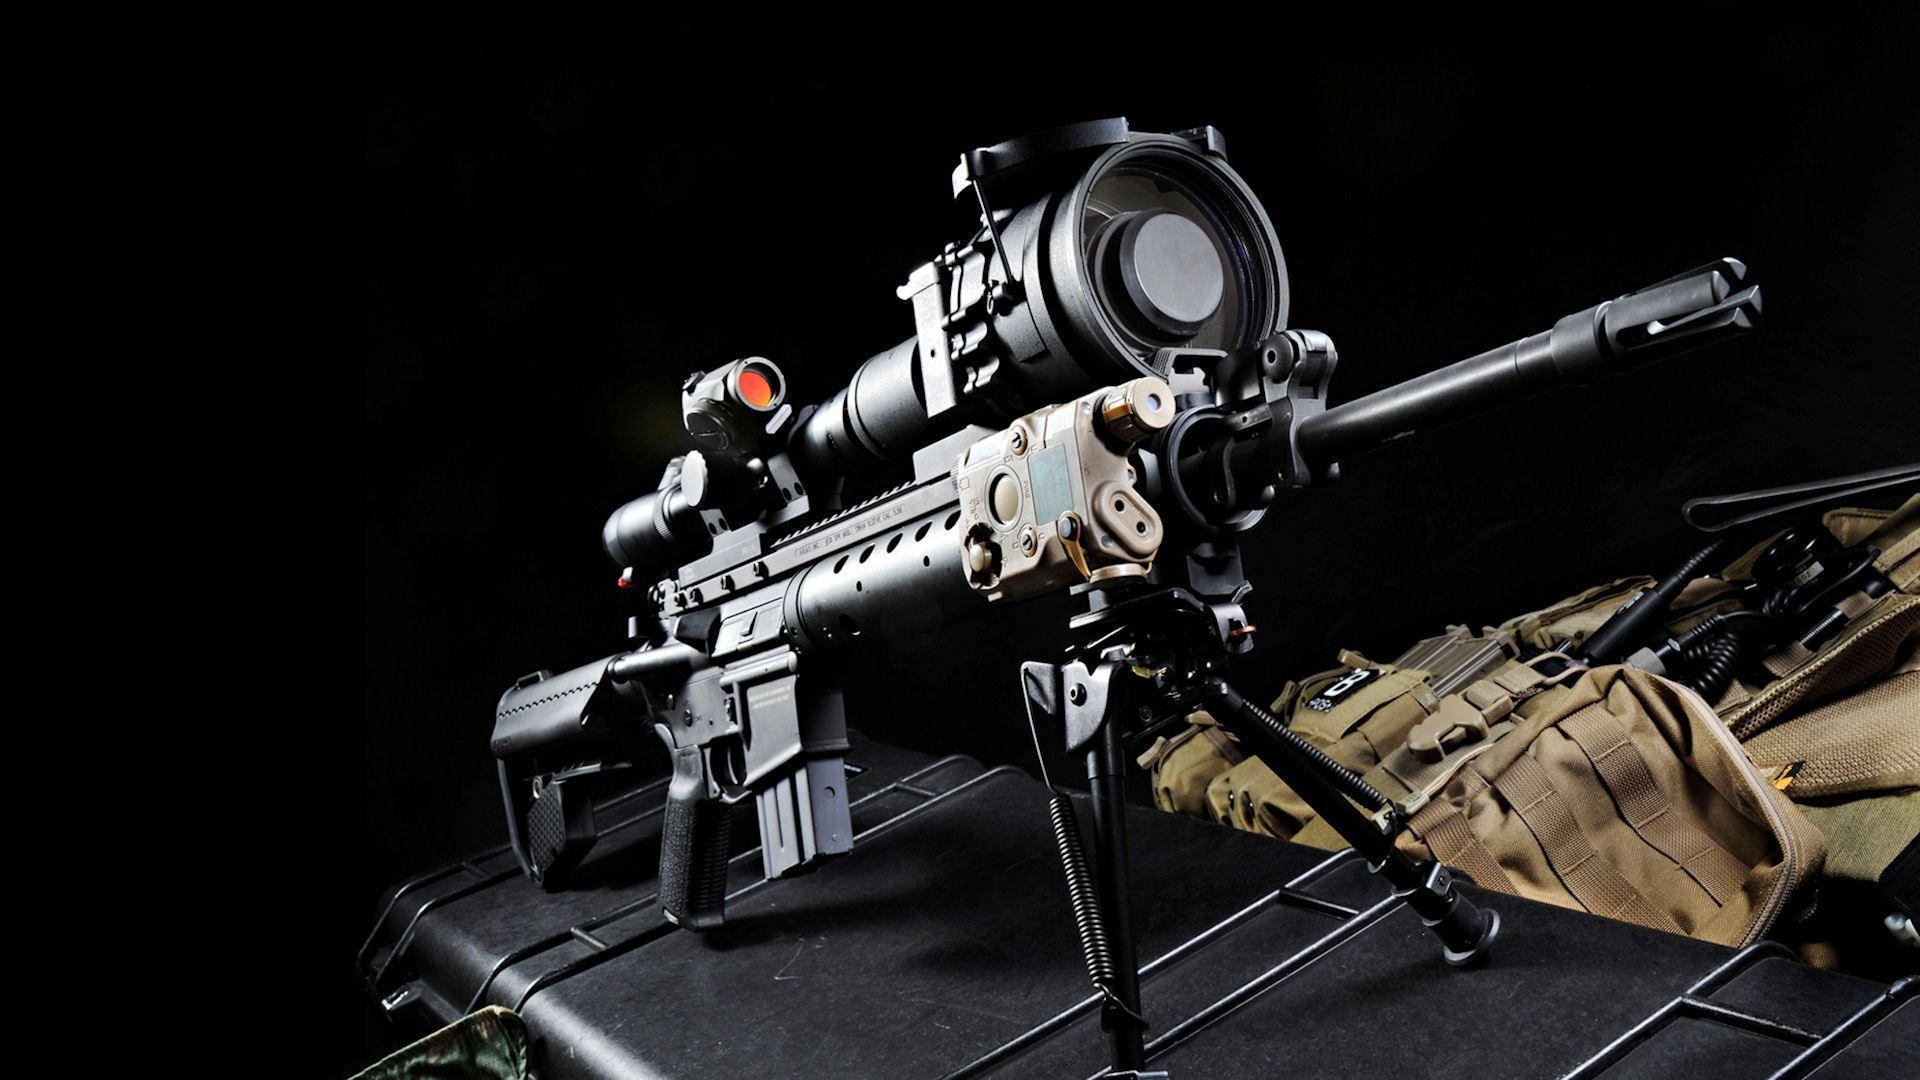 Sniper Rifle Snipers Artwork Wallpapers Hd Desktop And: Sniper Gun Wallpapers